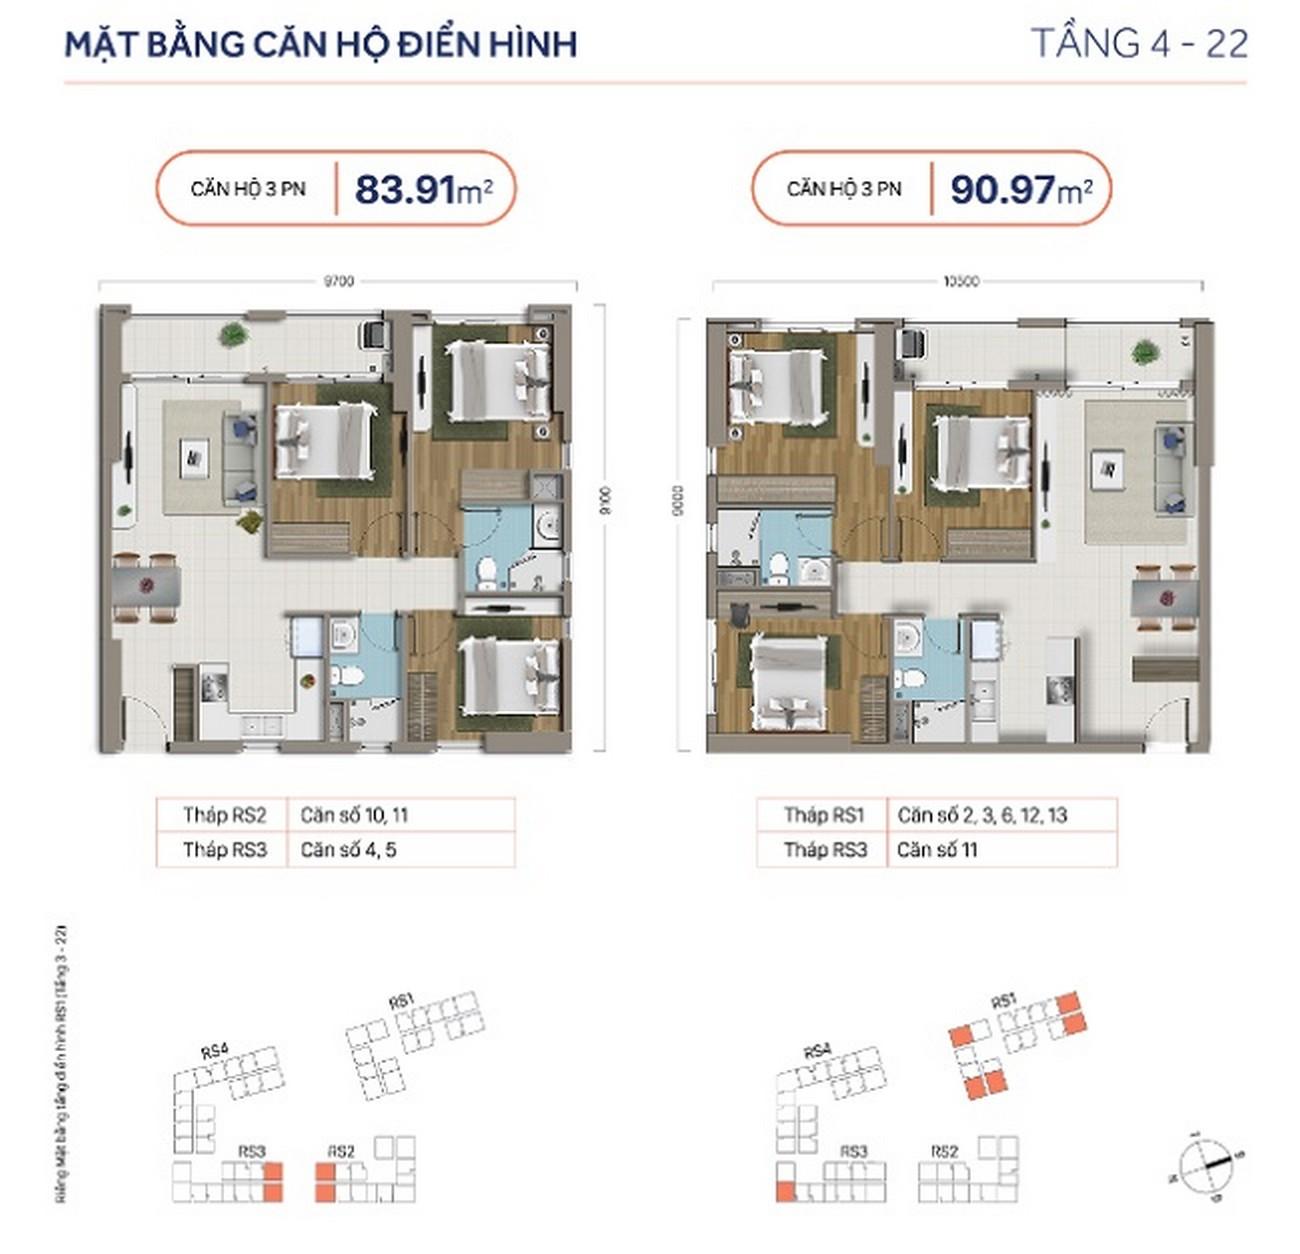 Thiết kế dự án căn hộ chung cư RichStar Tân Phú Đường 278 Hòa Bình chủ đầu tư Novaland